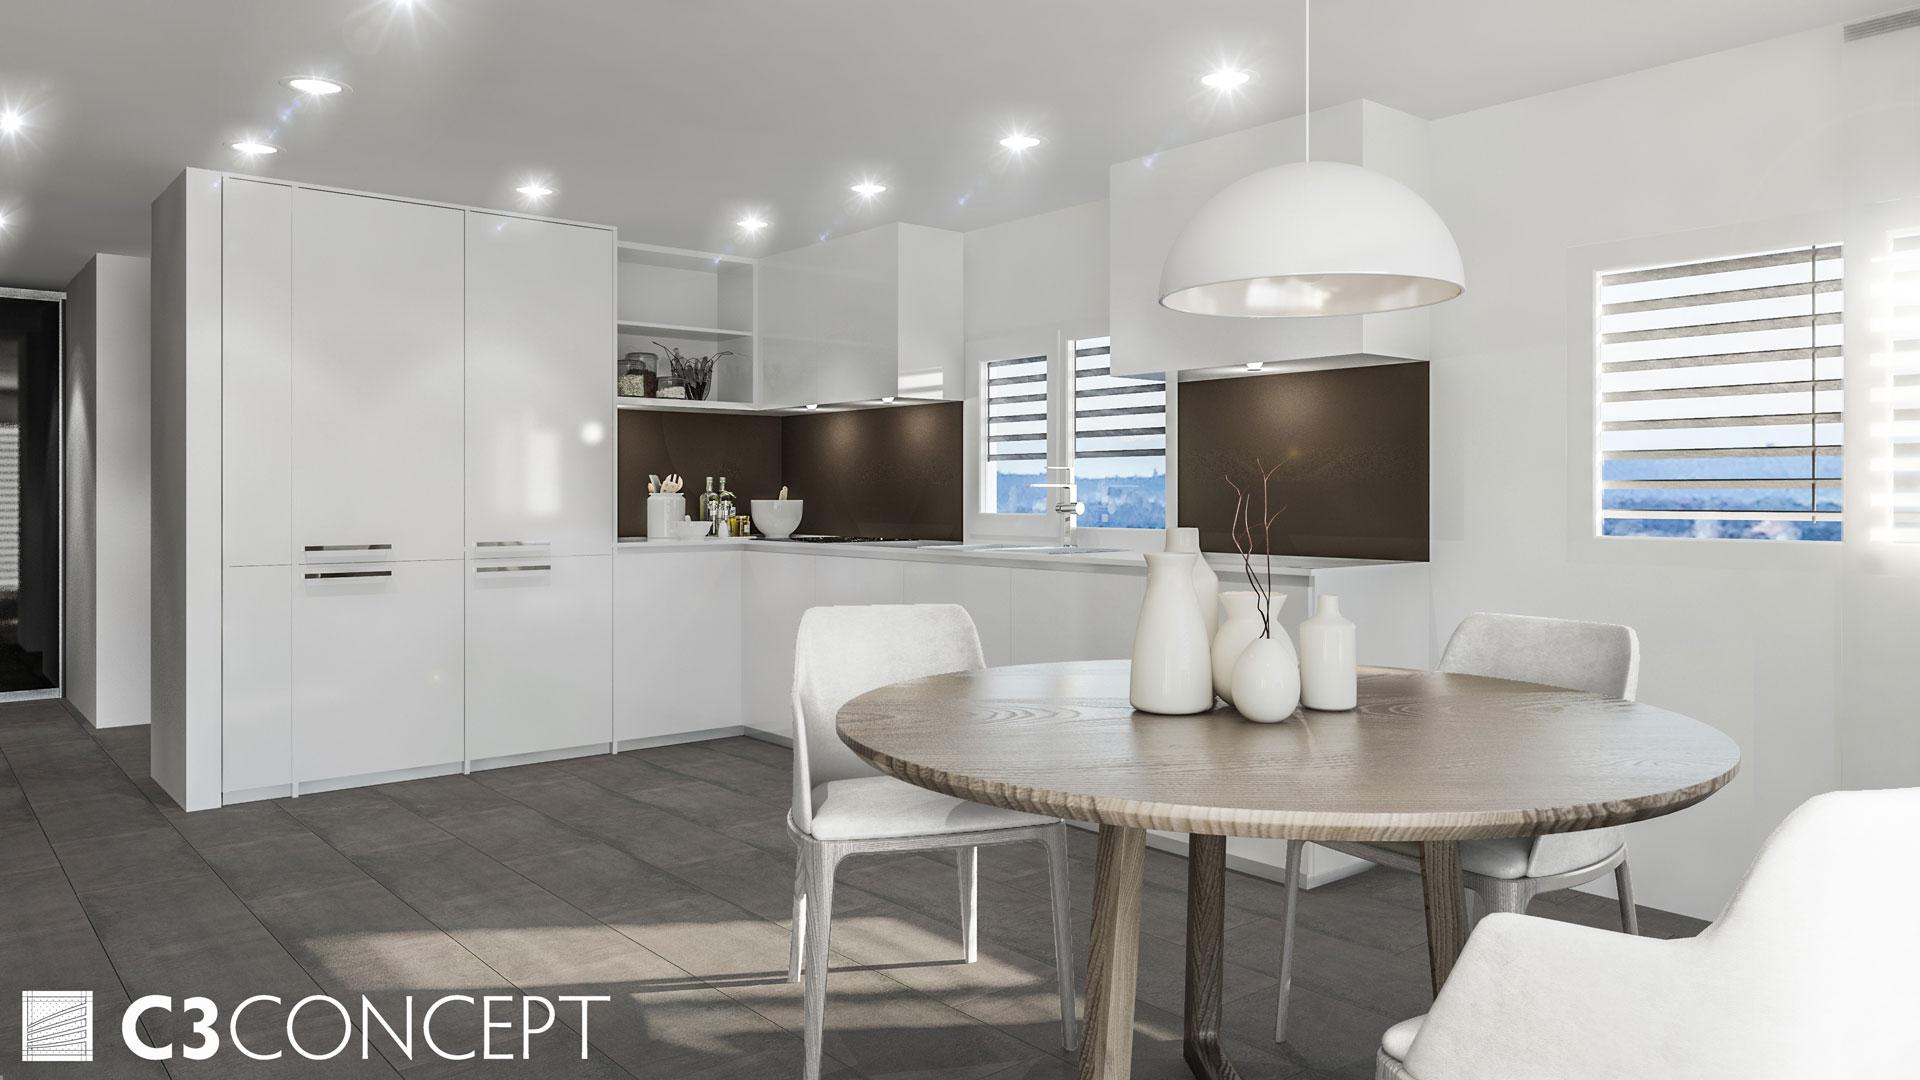 C3 Concept, visualisation 3D à Bulle. villas jumelées Vuisternens intérieur